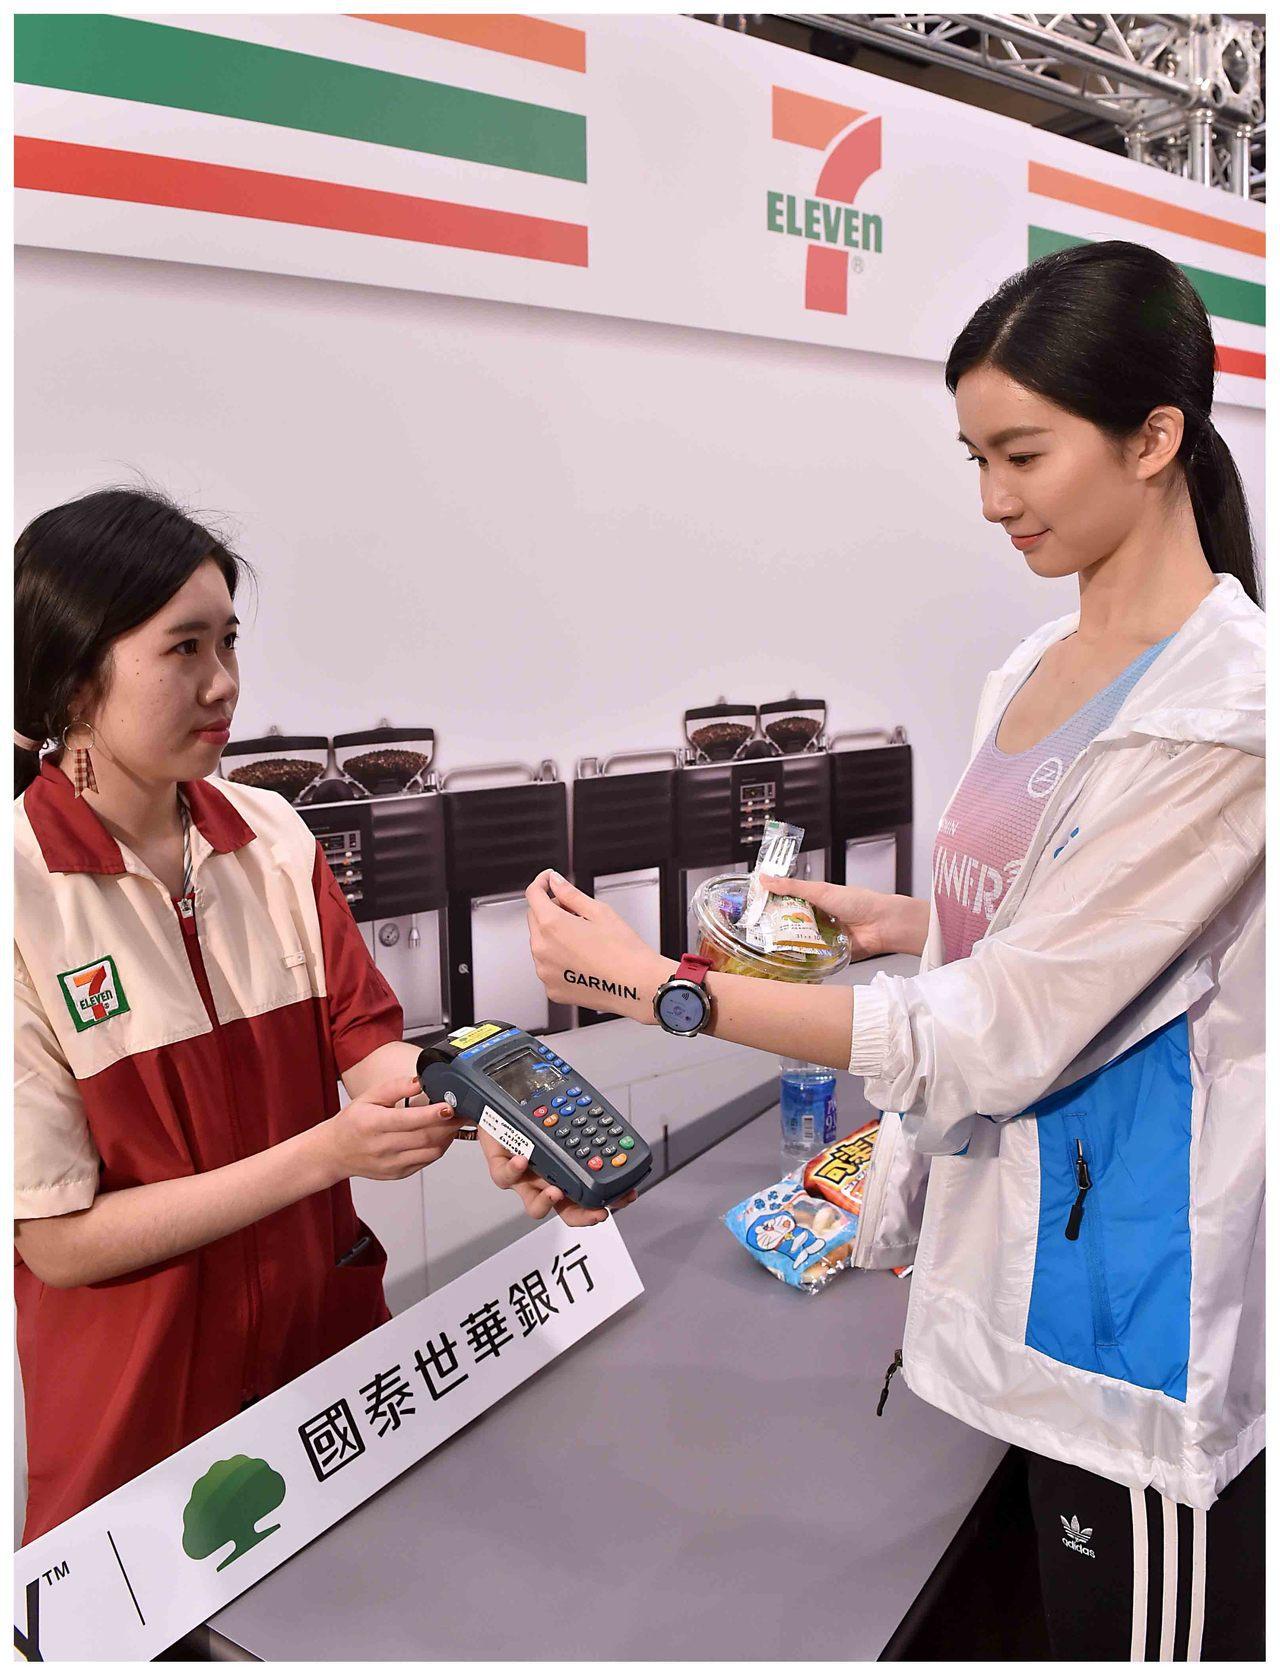 國泰世華銀行與Garmin共同創造更直覺便利的支付環境,筆筆消費享刷卡金再抽好禮...